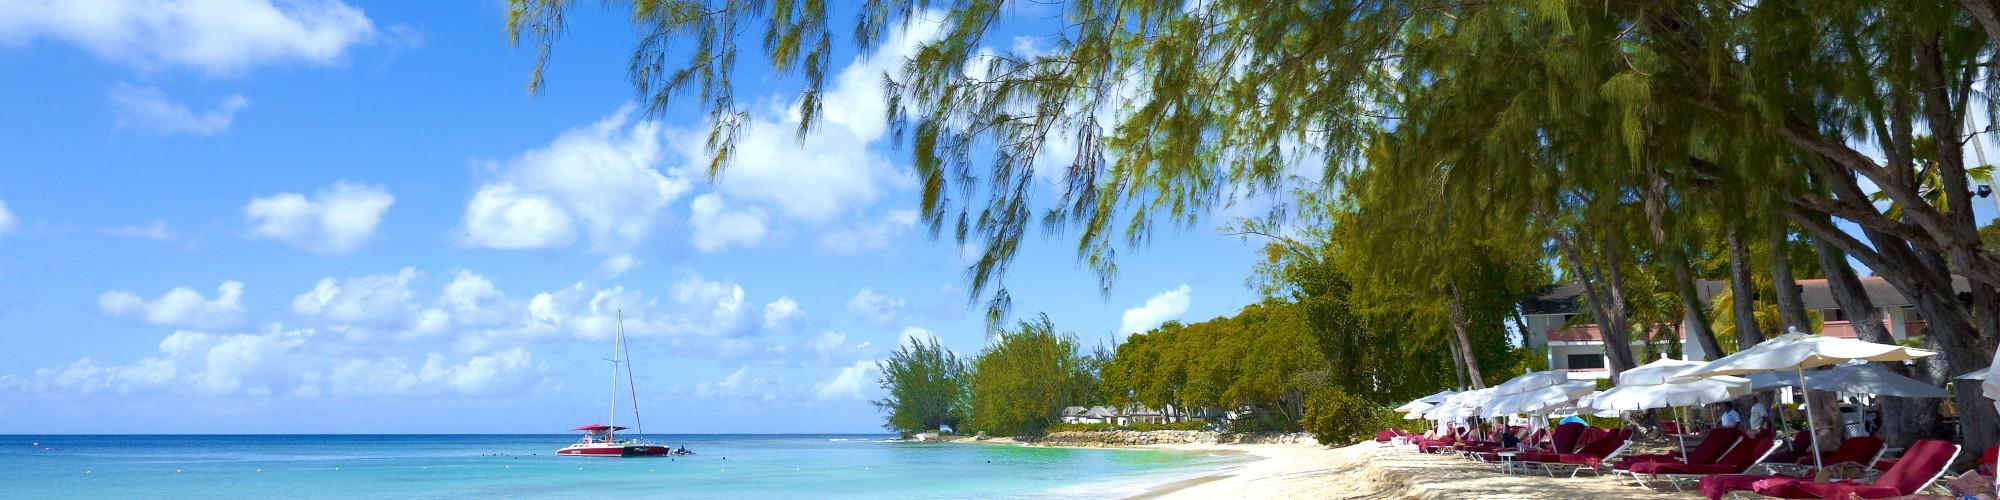 Colony Club, Barbados